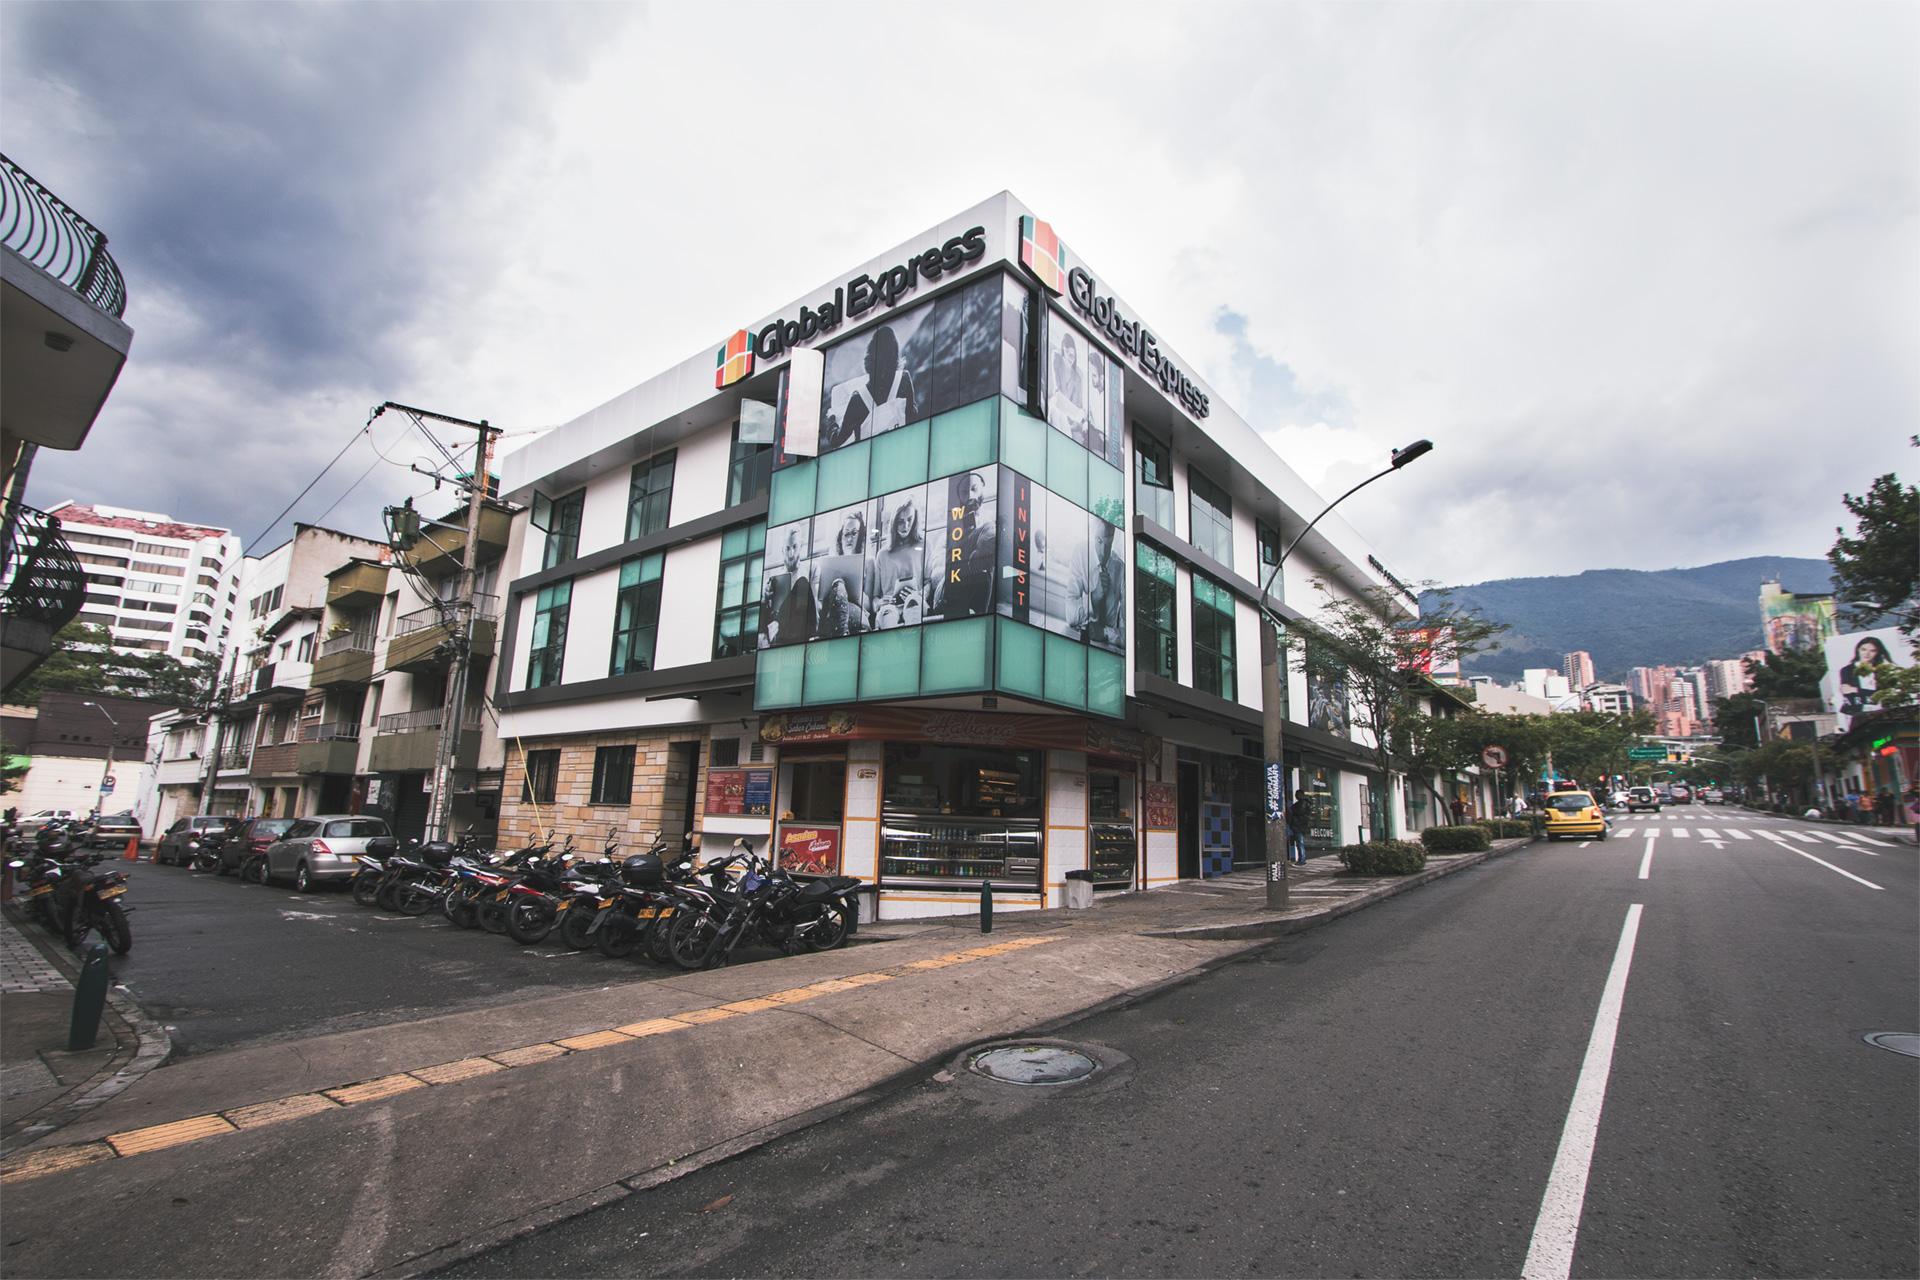 Global Express, Medellin